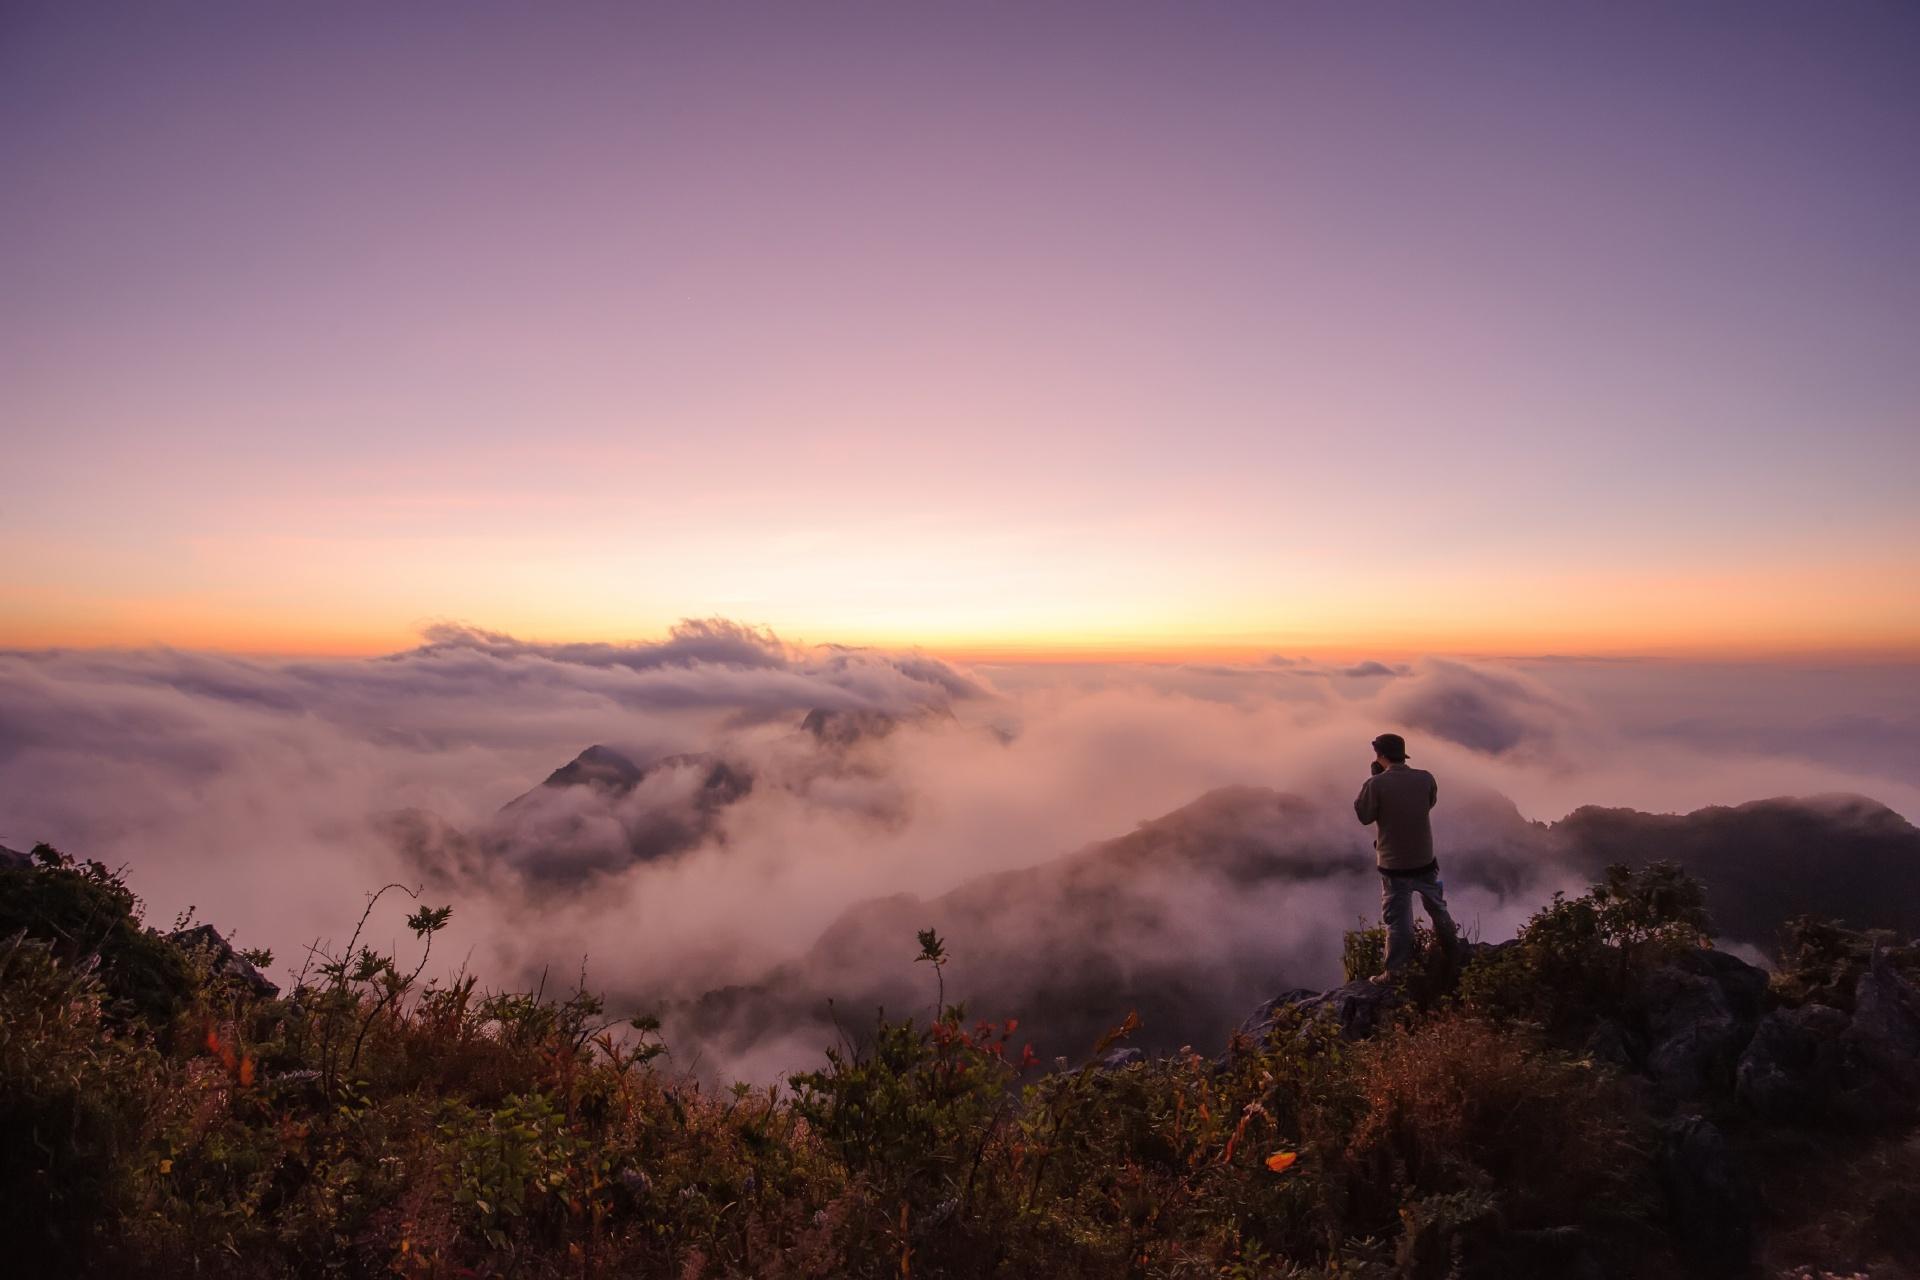 夕暮れ時の山の風景 チェンマイ タイの風景